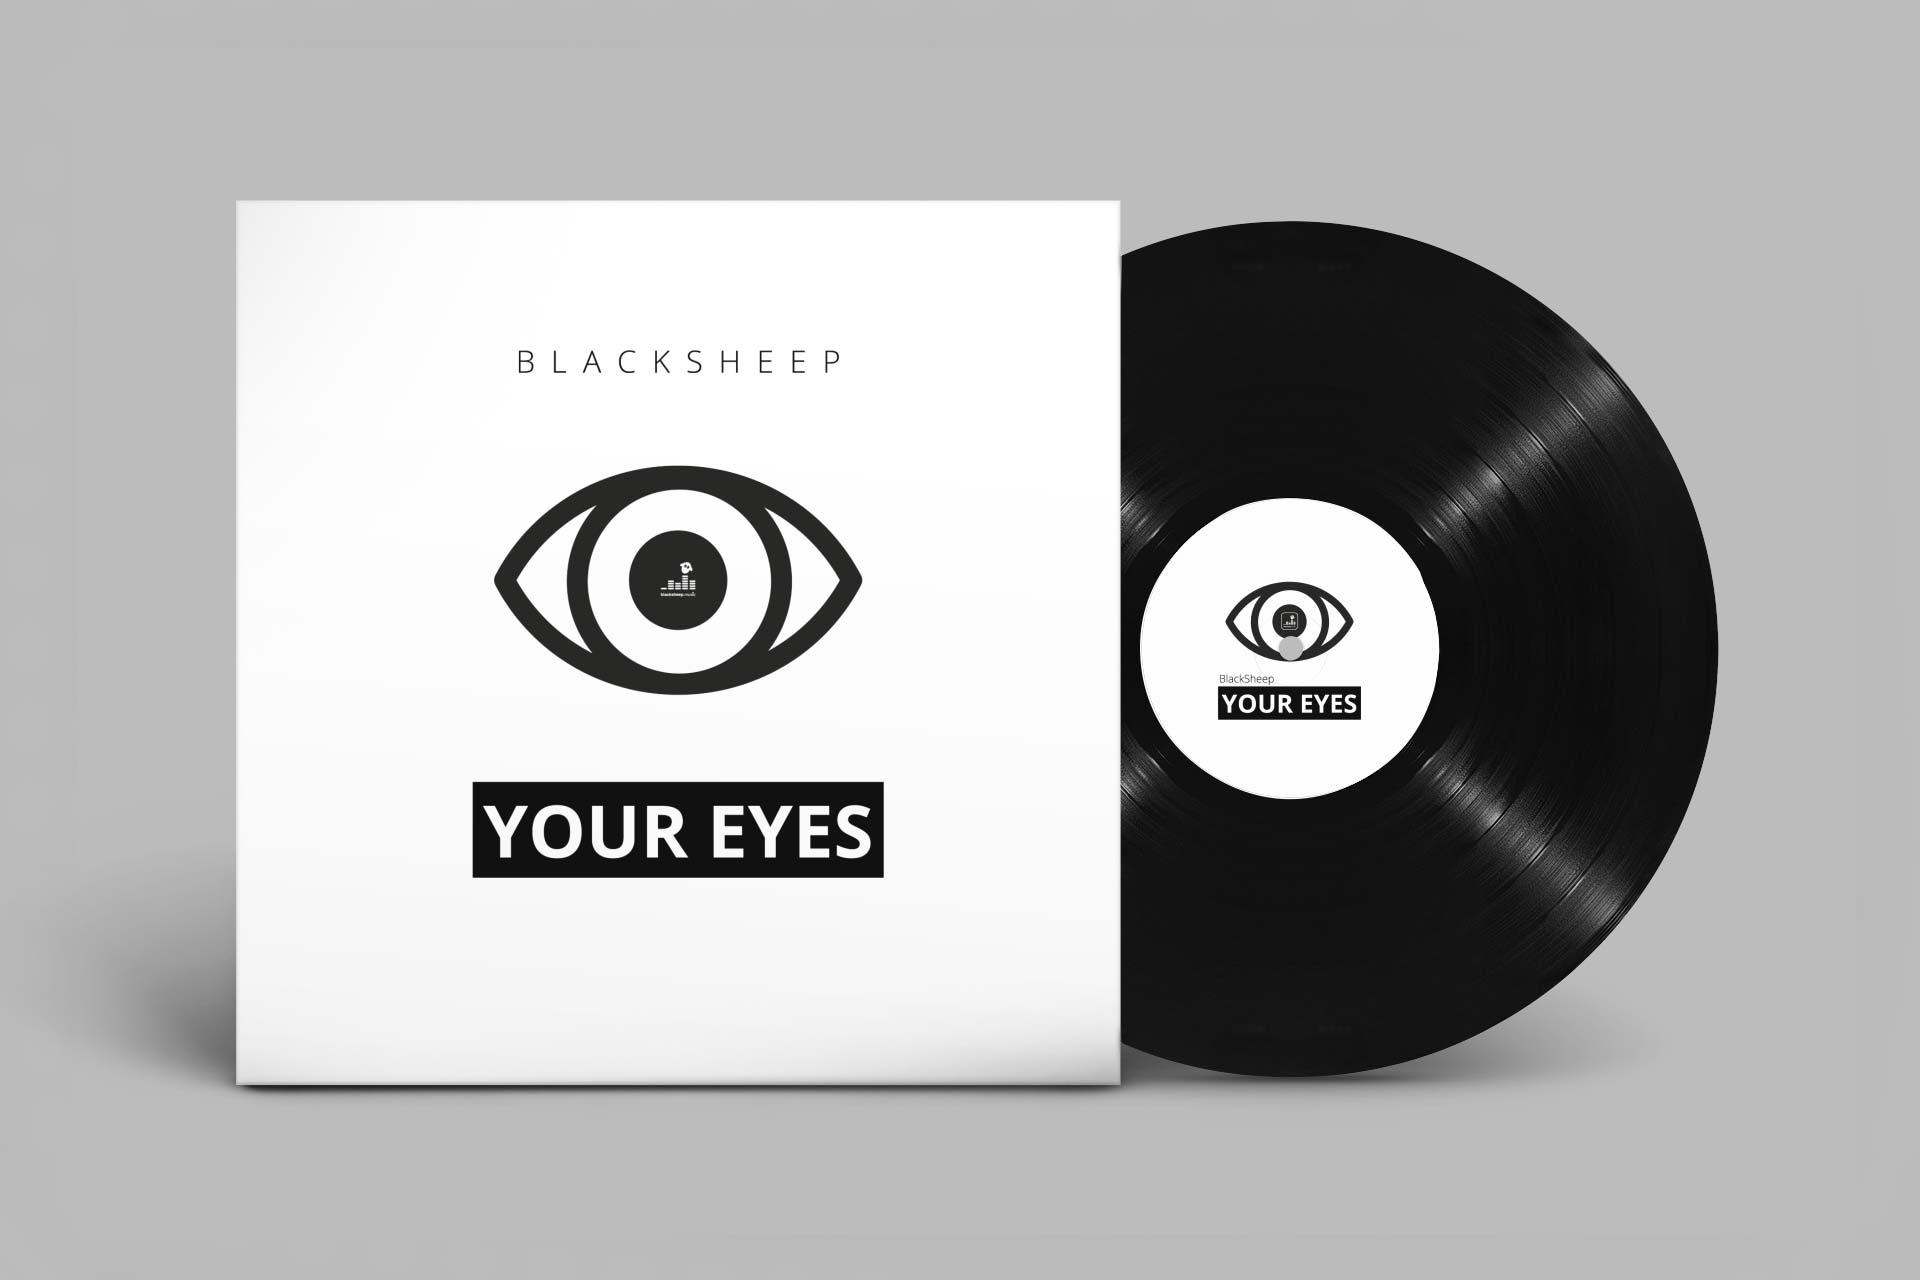 Your Eyes BlackSheep